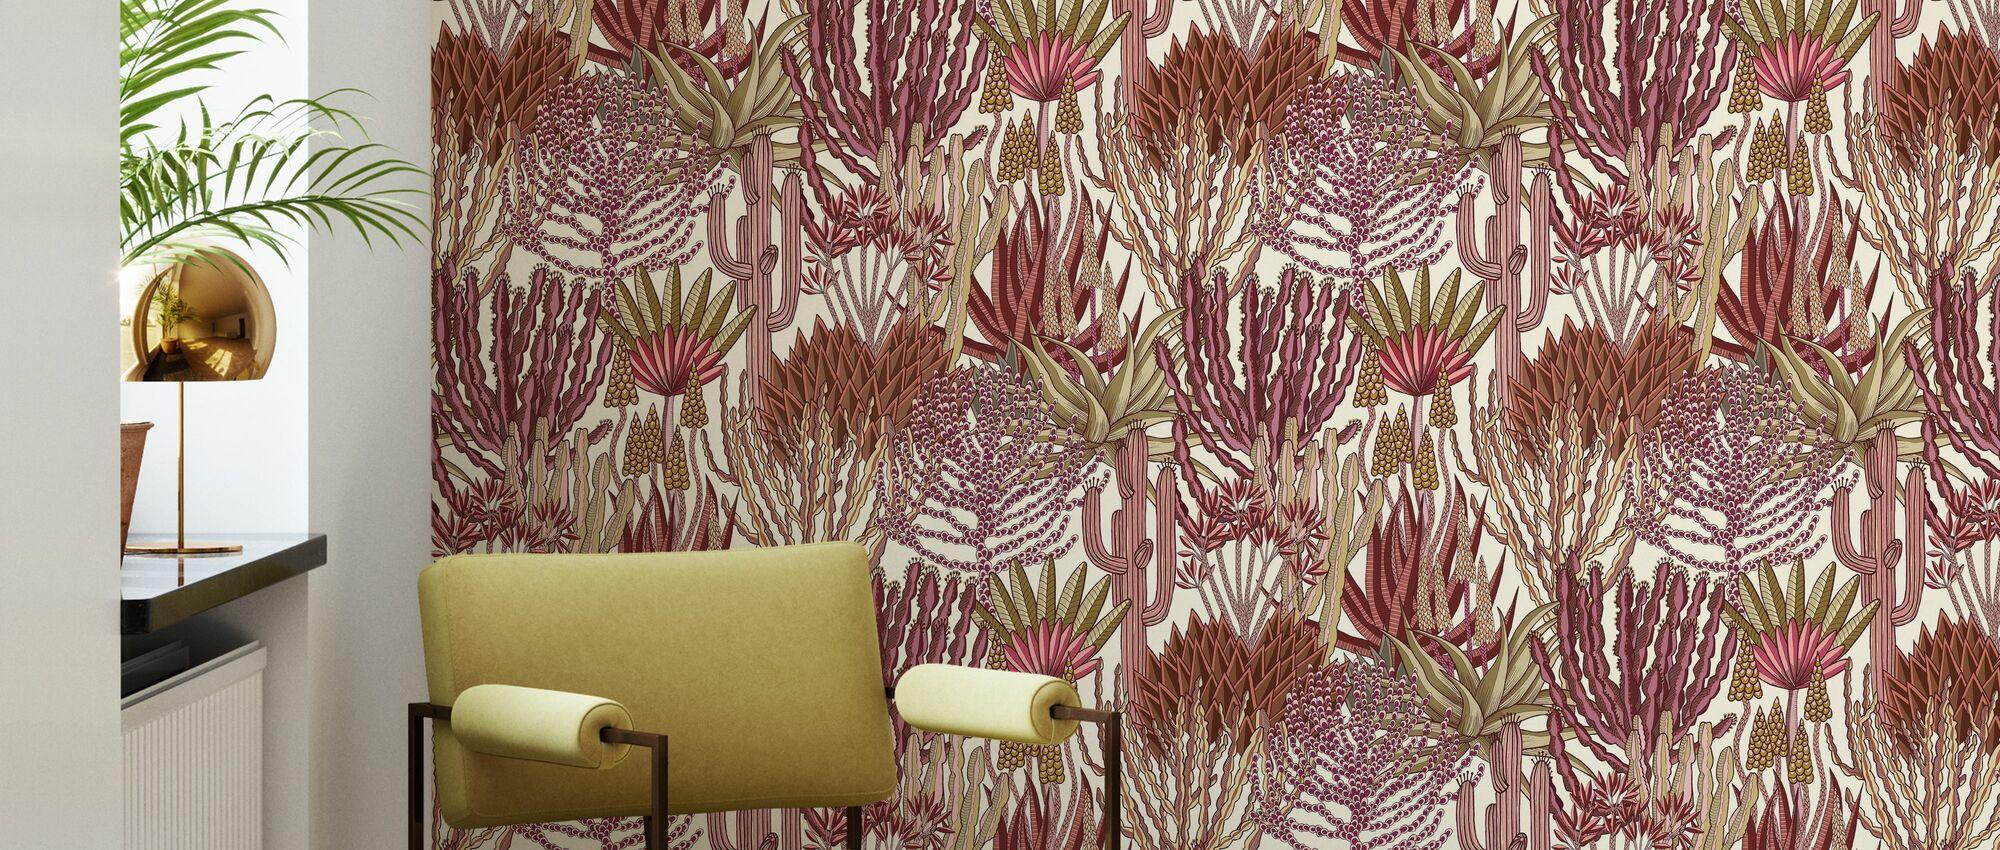 Euphorbia Forest - Sunrise - Wallpaper - Living Room